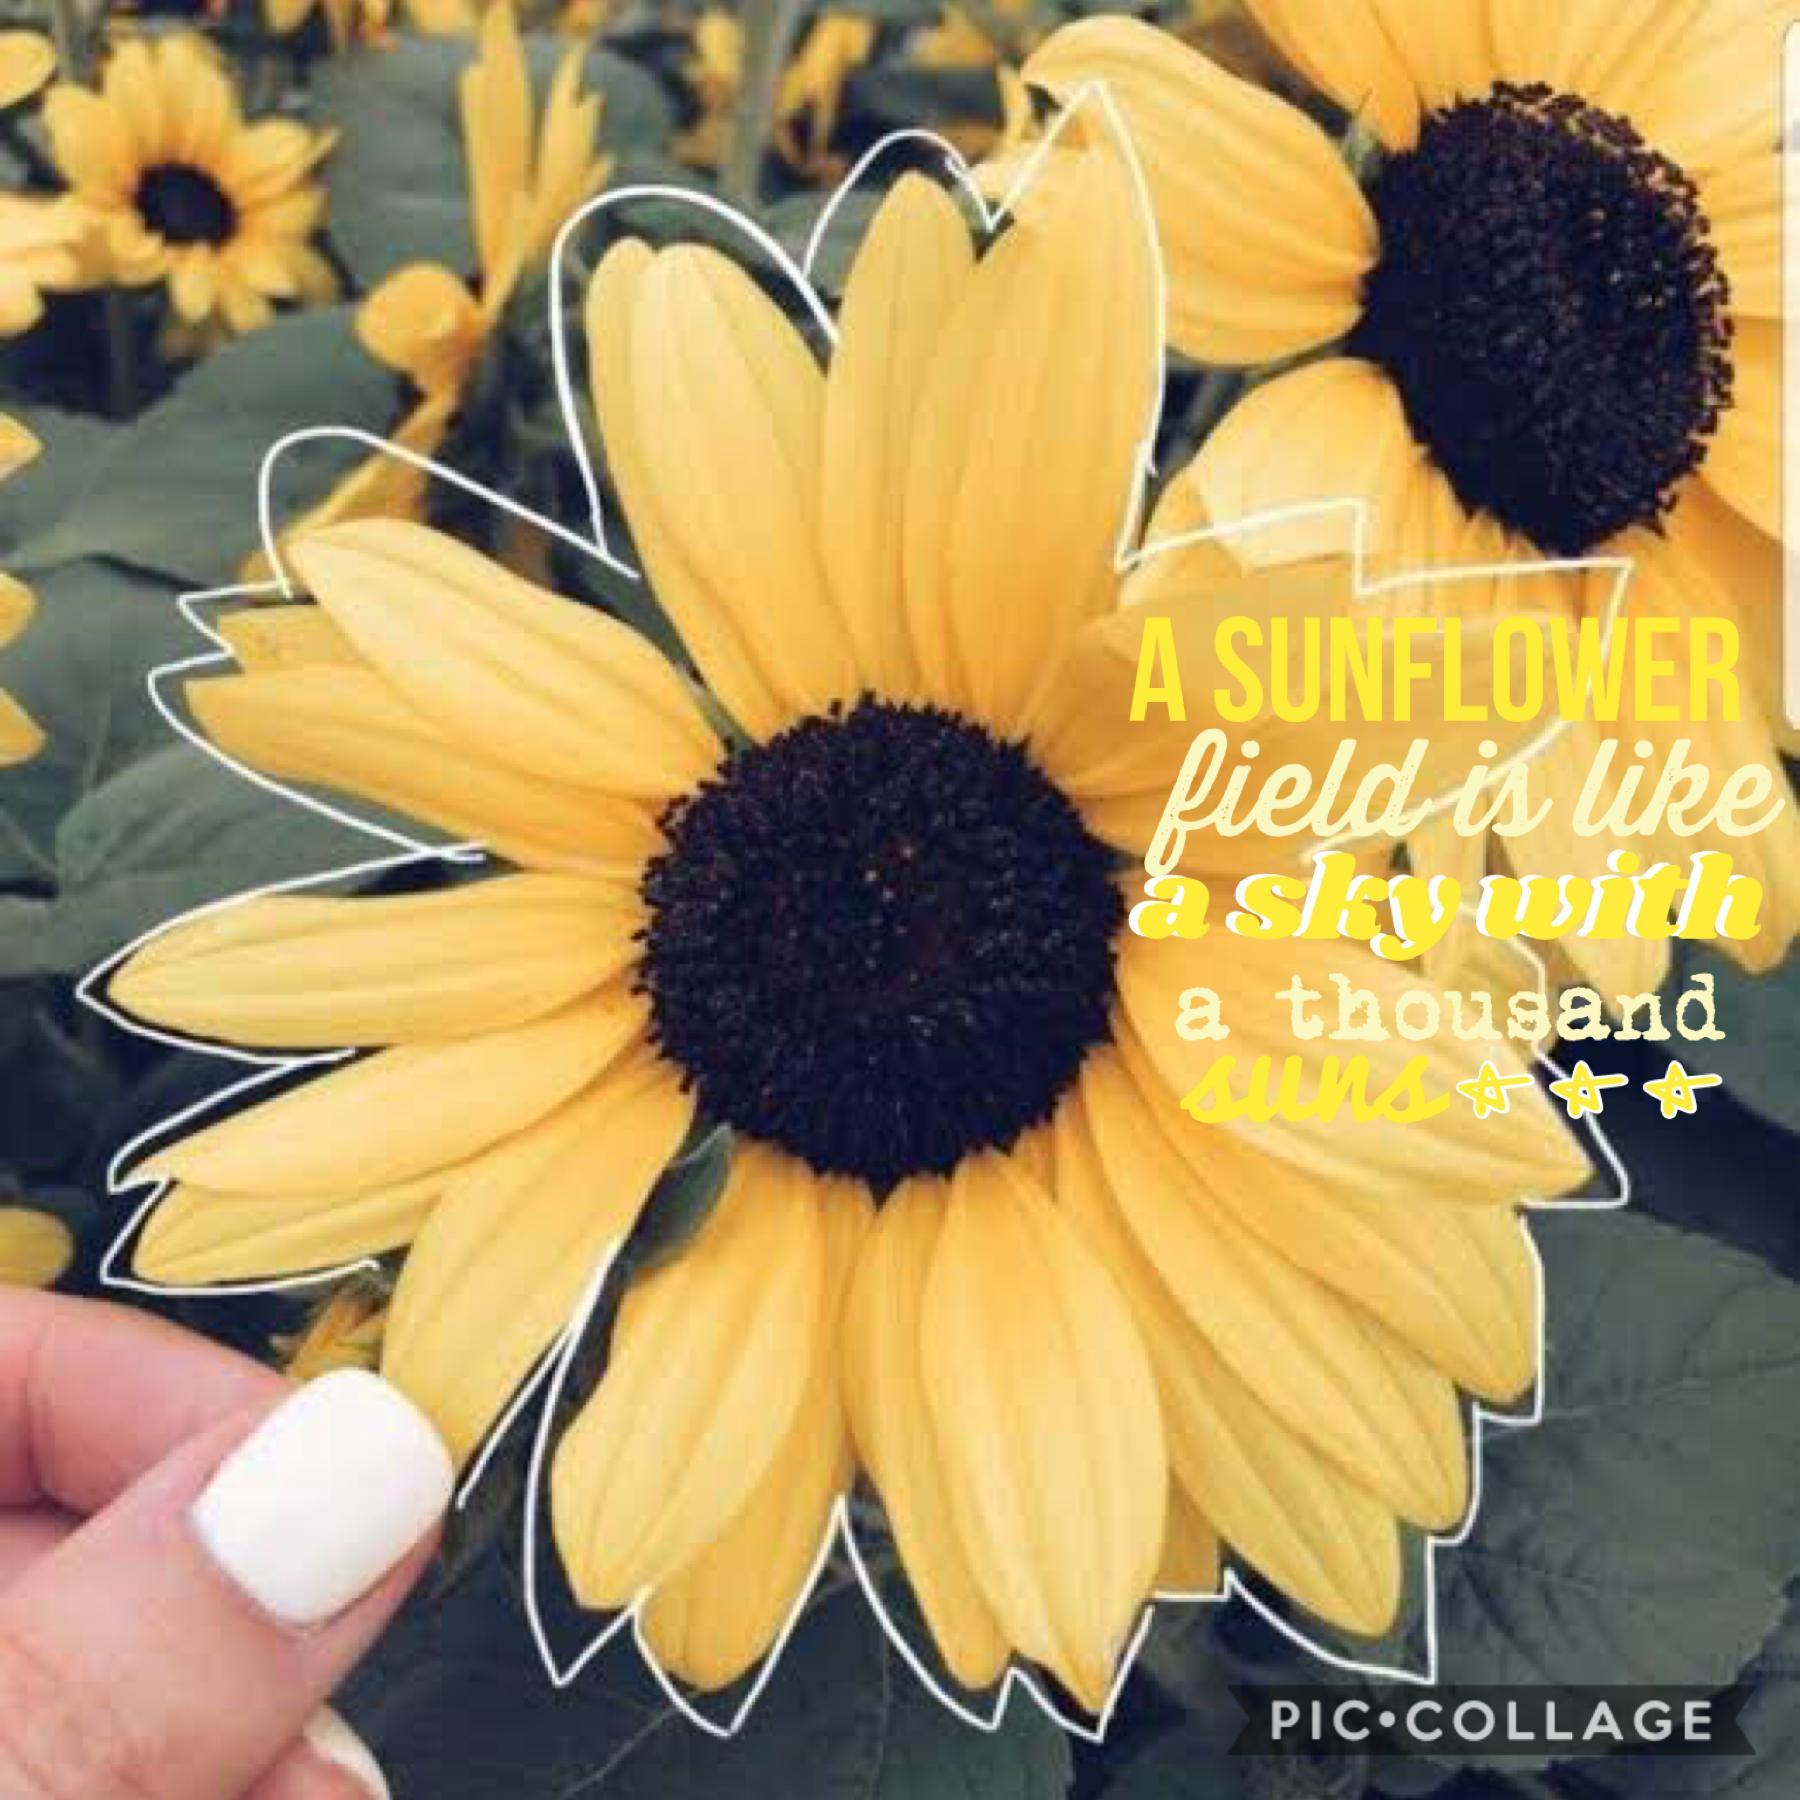 """I love sunflowers 🌻QOTD: Favourite flower """"A sunflower is like a sky with a thousand suns"""""""